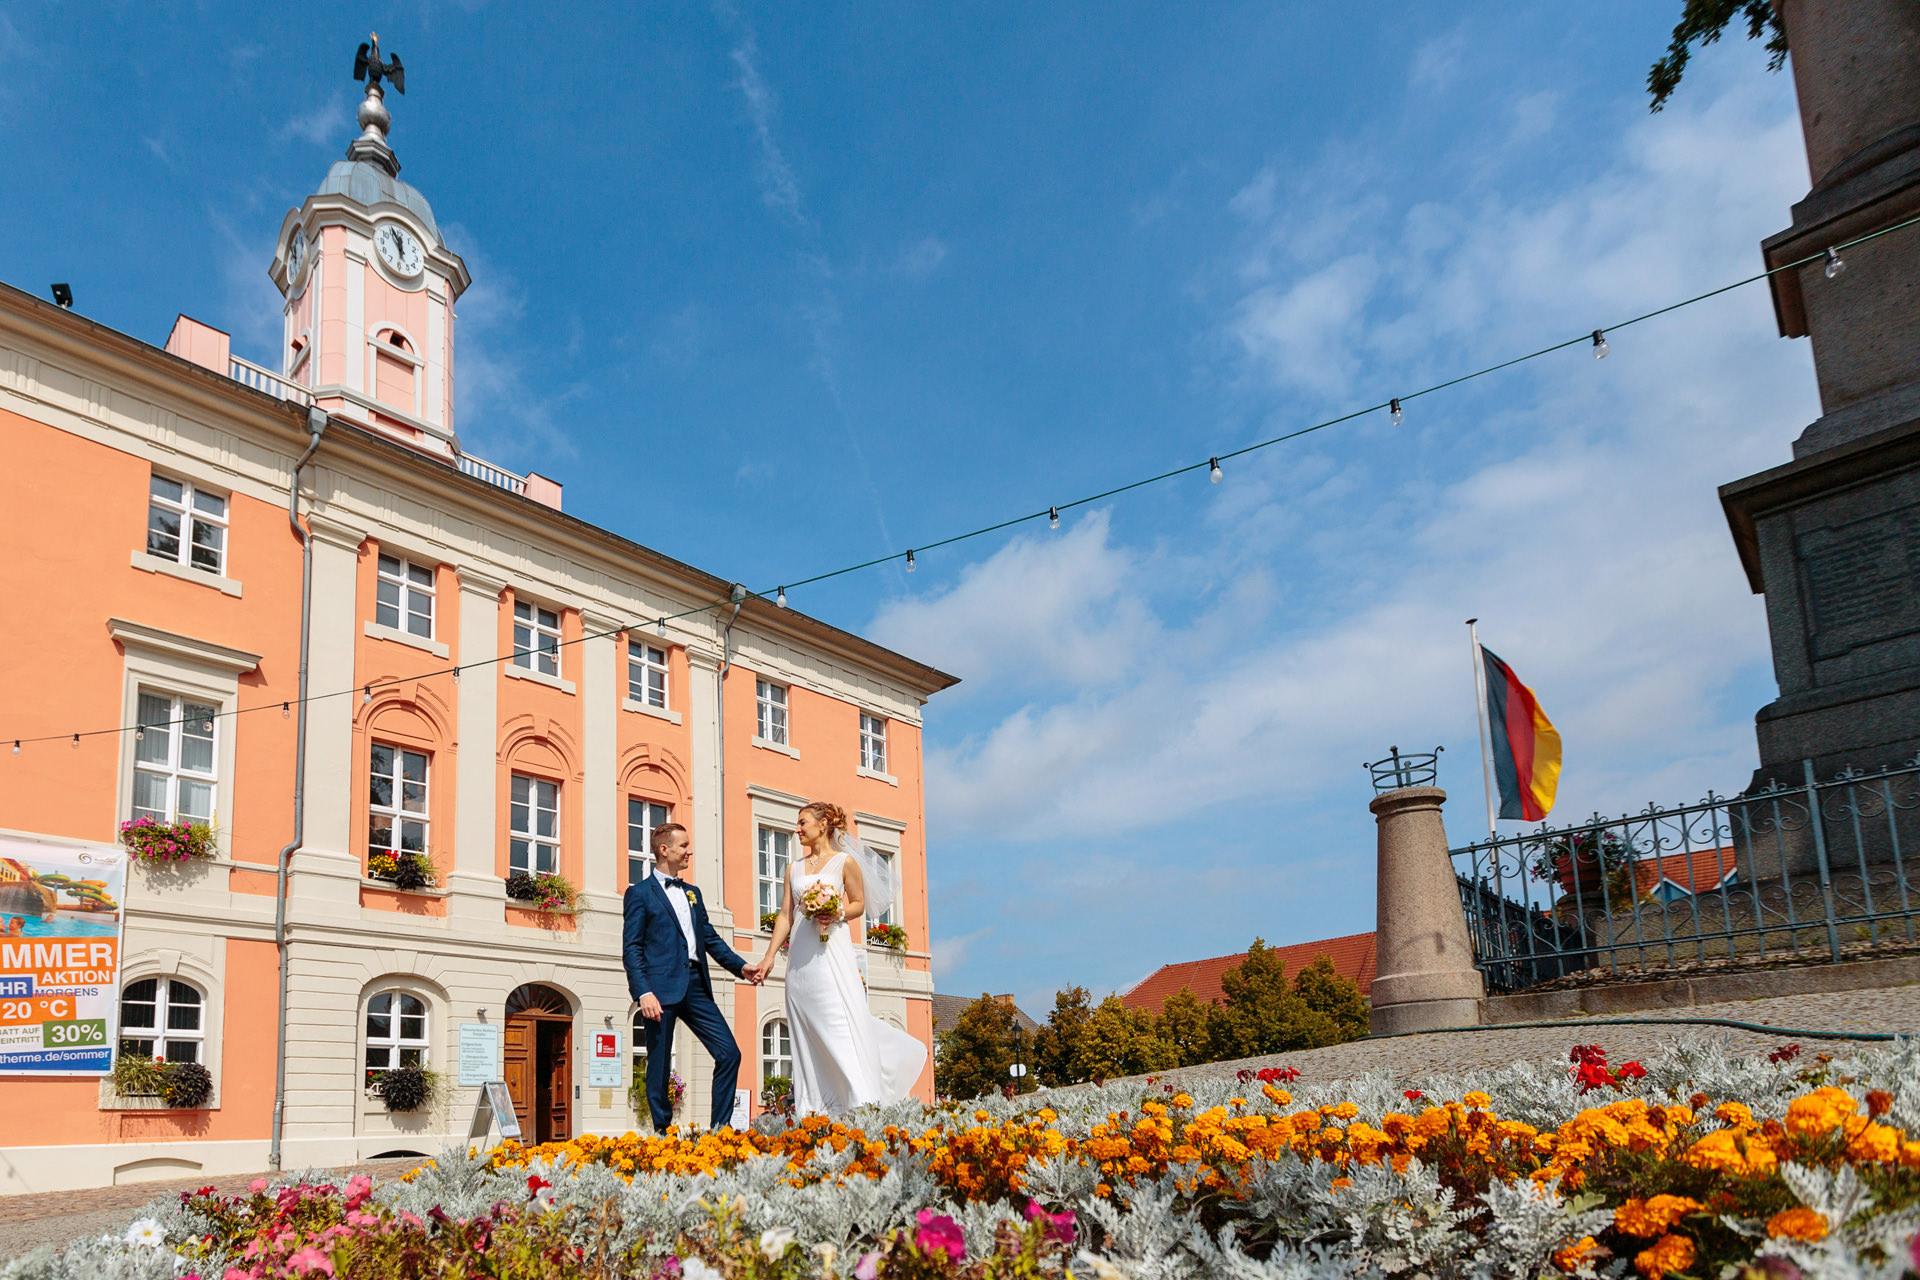 Hochzeitsfotograf Templin mit Brautpaar vor dem Rathaus nach der Trauung